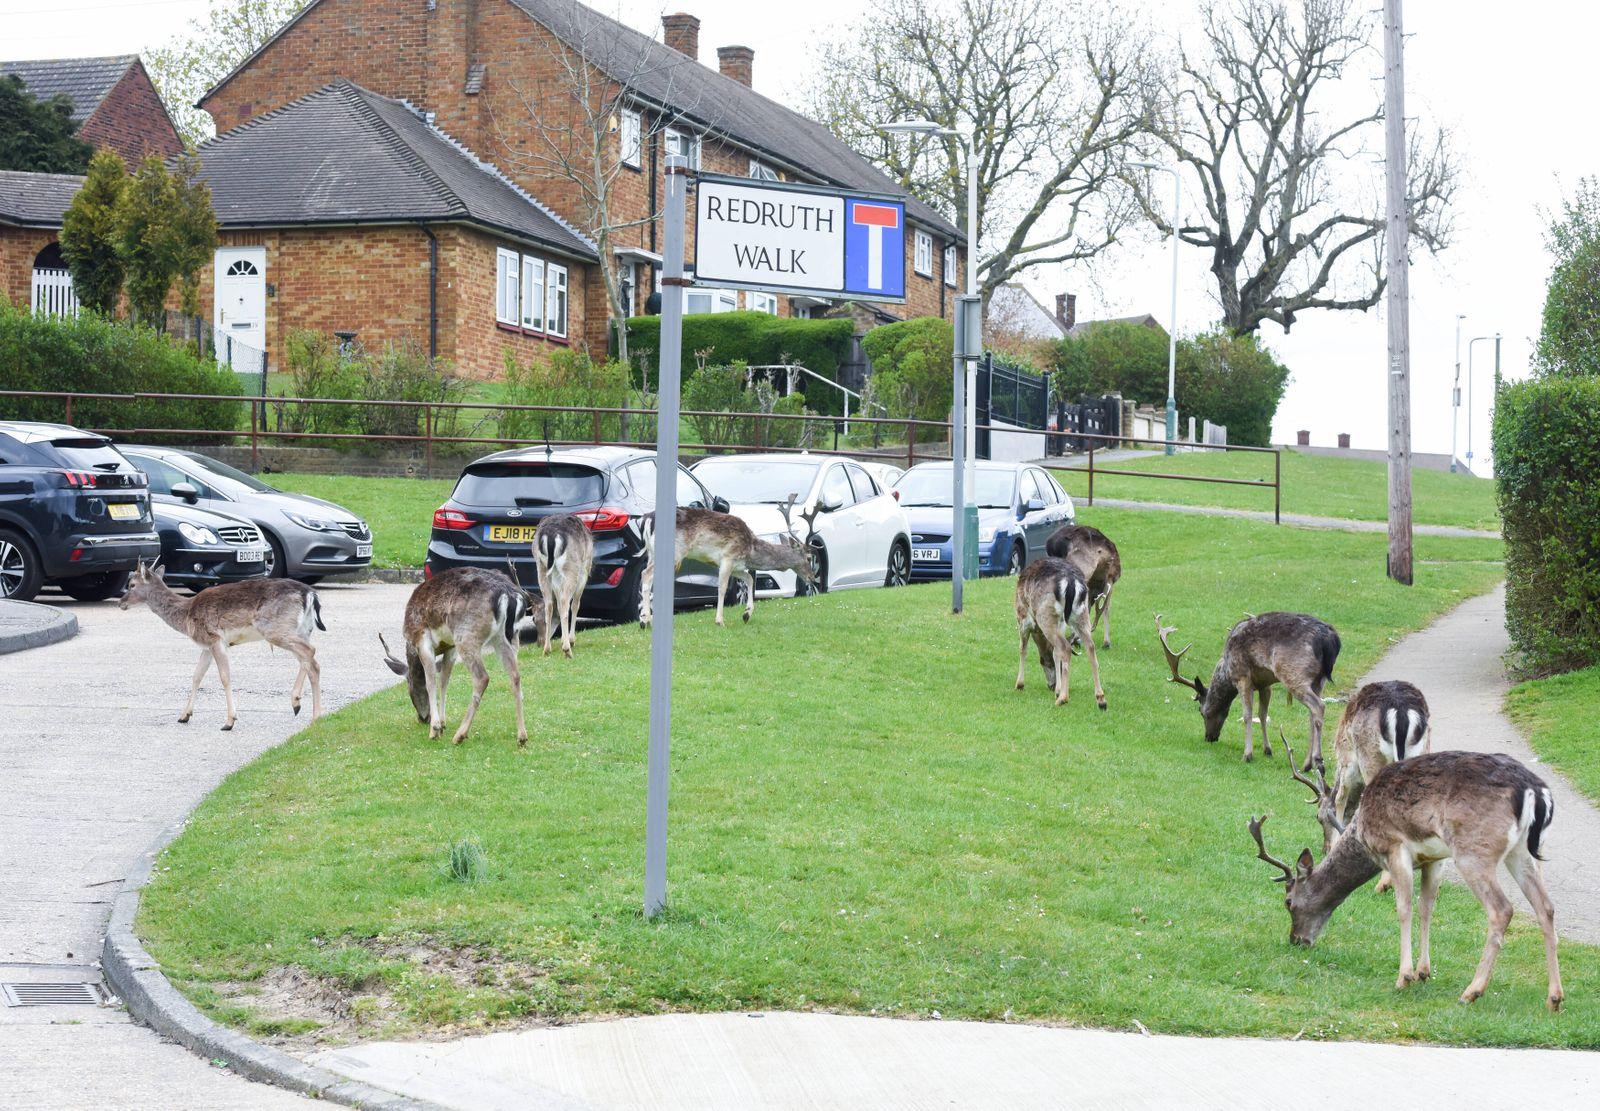 News Themen der Woche KW13 News Bilder des Tages . 03/04/2020. London, United Kingdom. Coronavirus crisis. Deer from the